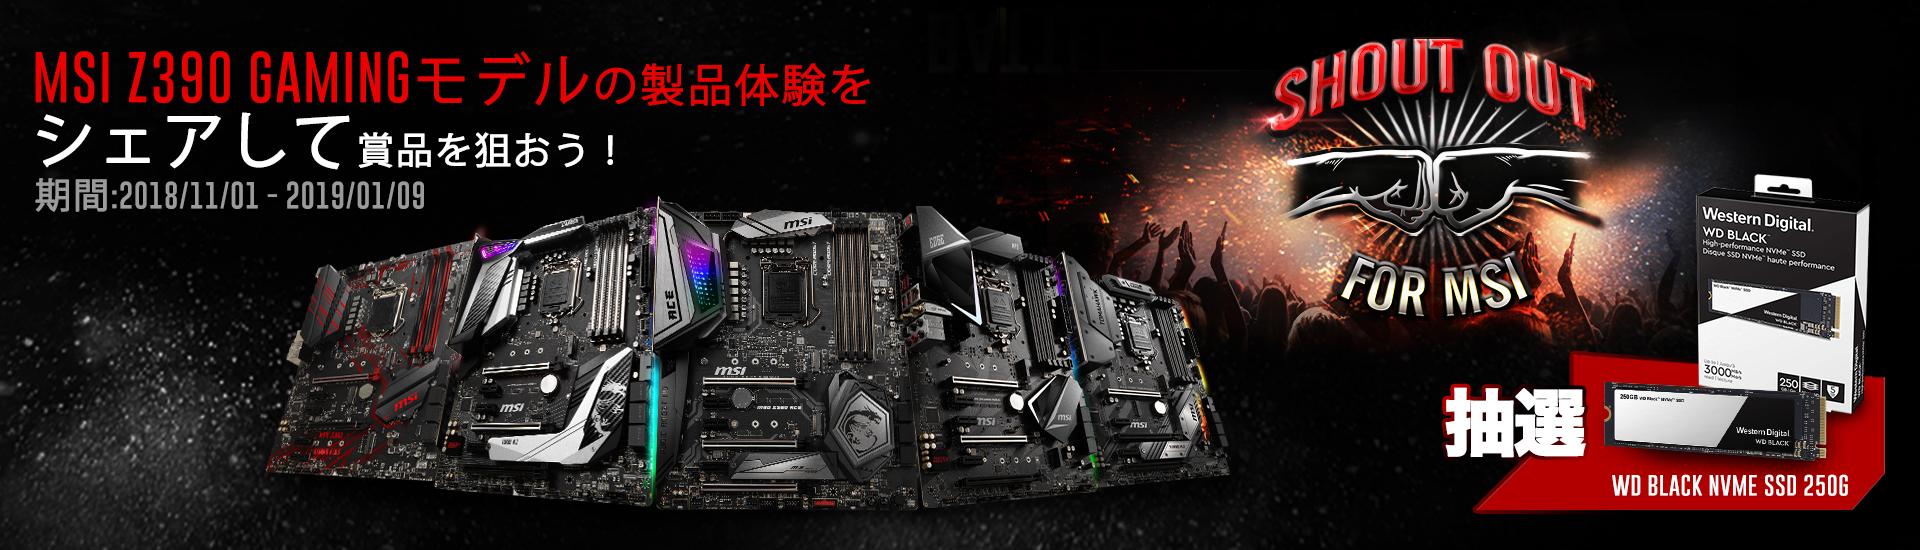 MSI Z390 GAMINGモデルの製品体験をシェアしてWD M.2 Black  SSD 250Gを狙おう!